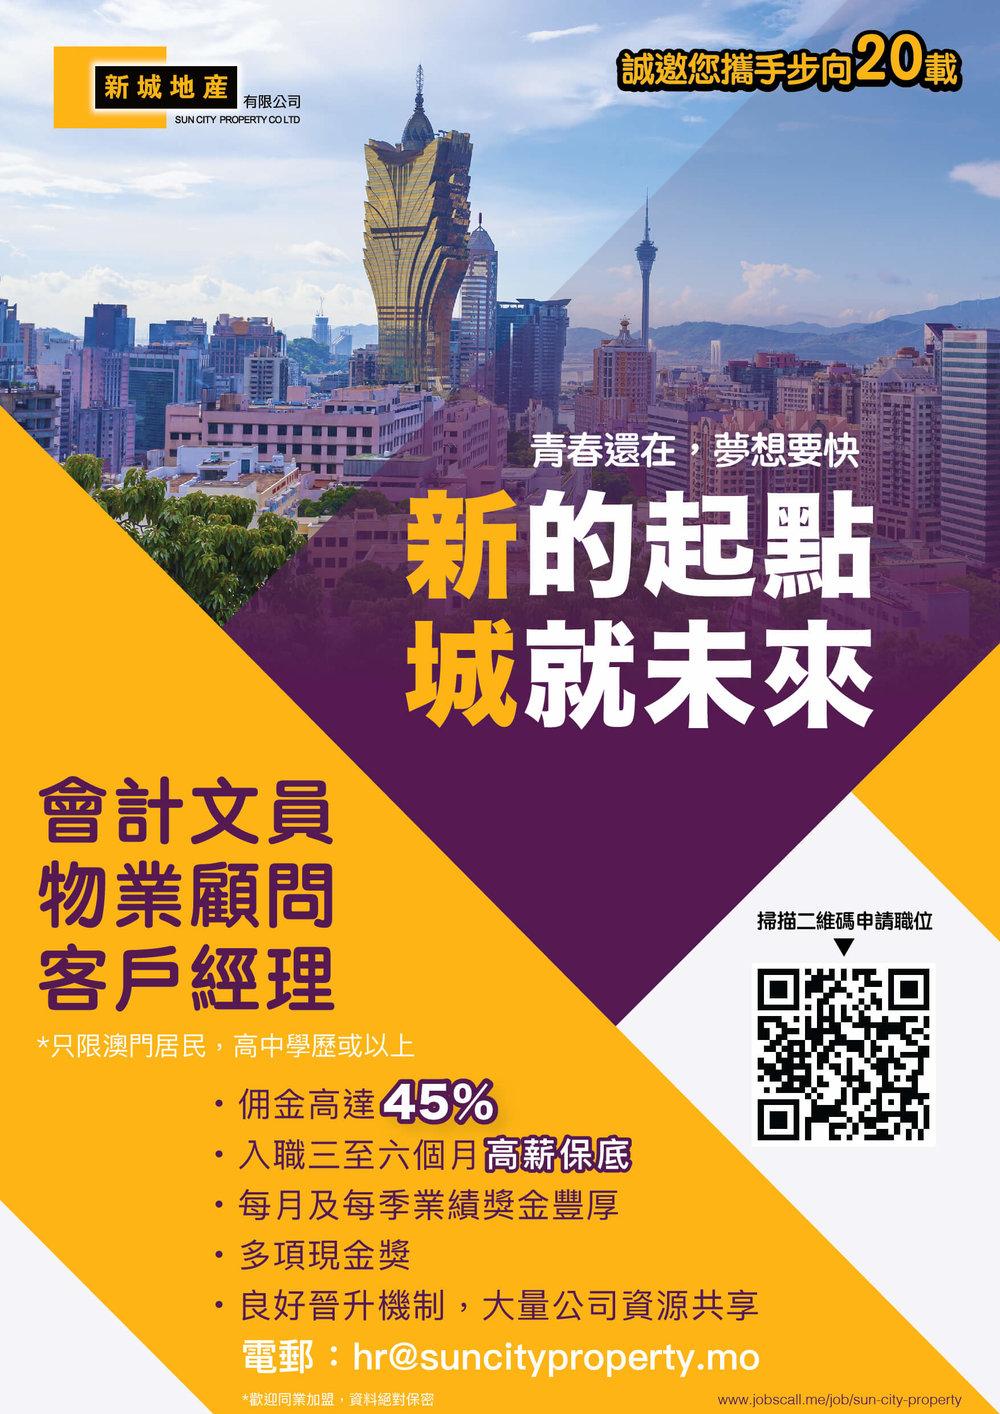 新城2017 Poster-01.jpg